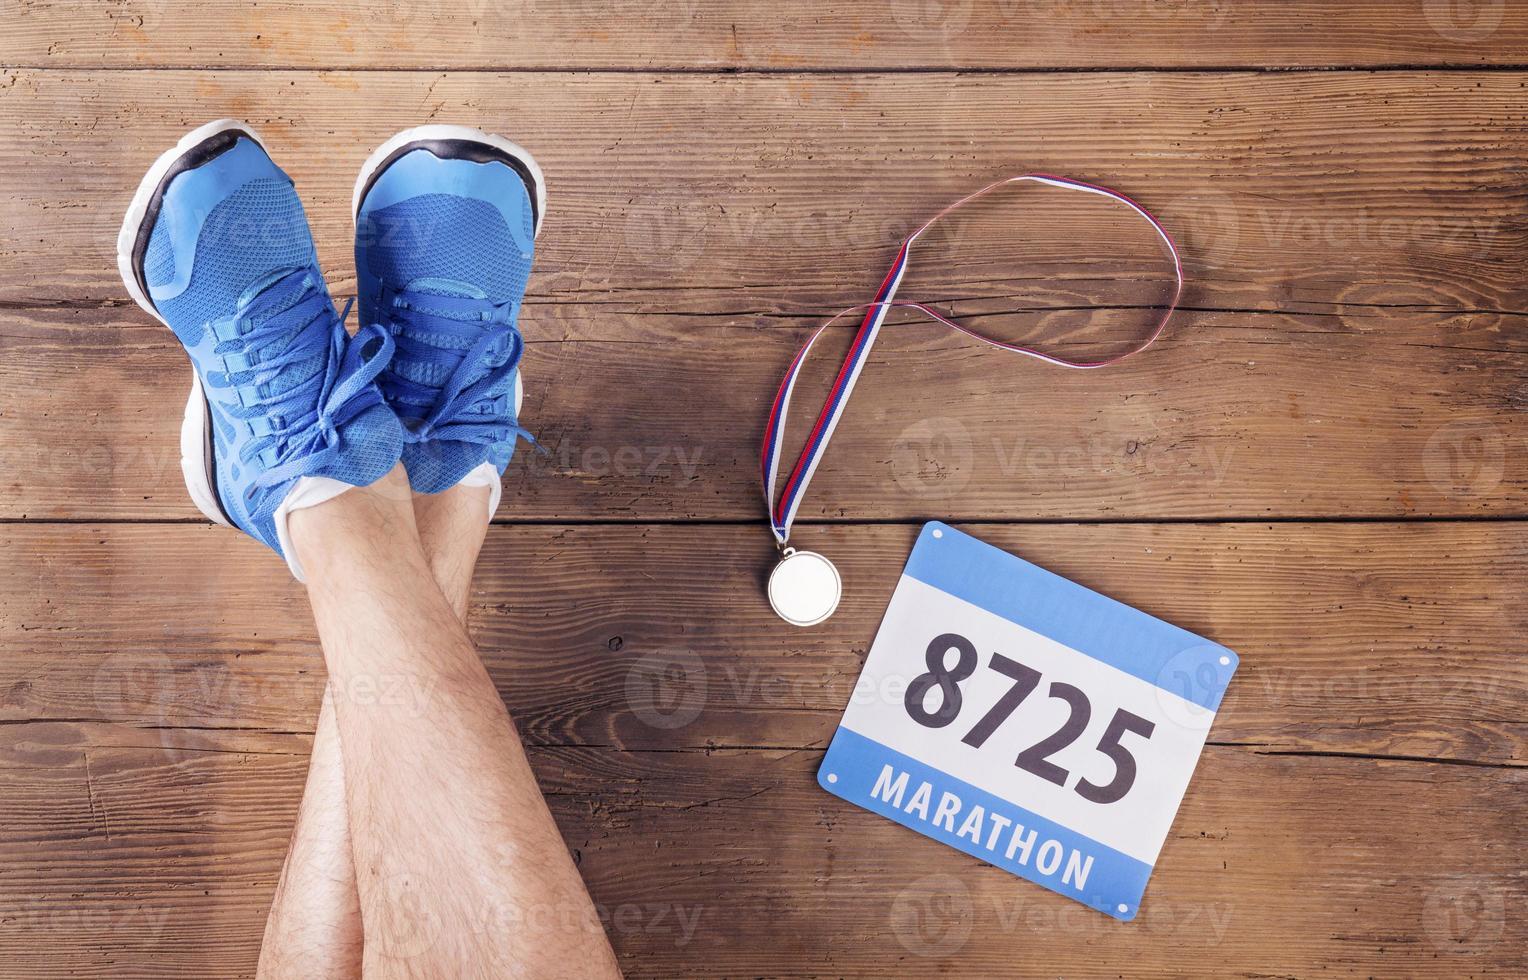 corredor de maratón masculino exitoso foto